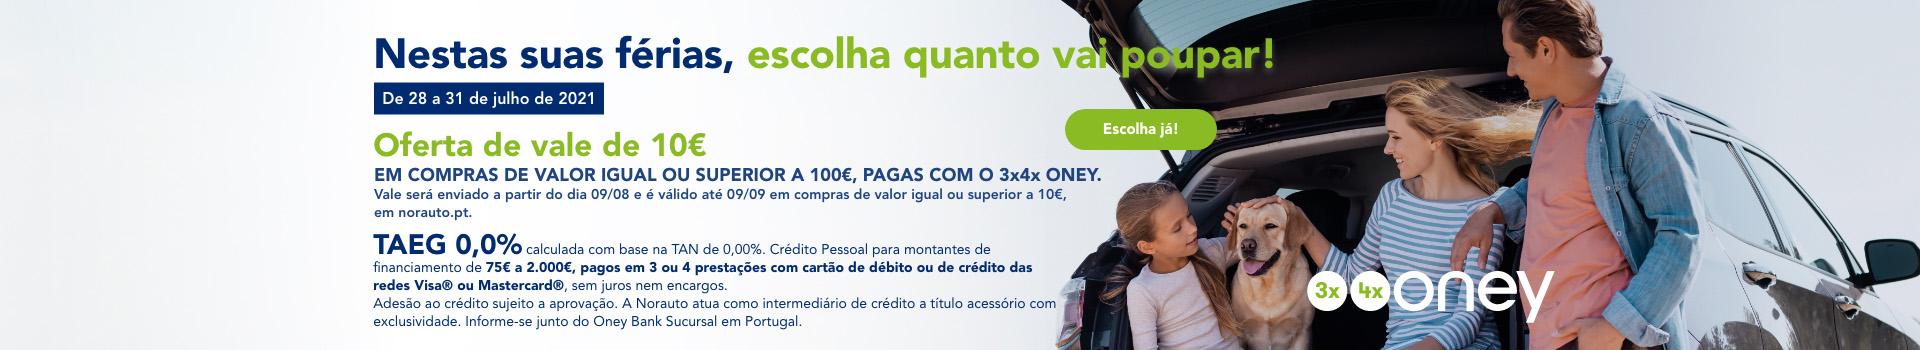 Oferta de vale de 10€ em compras de valor igual ou superior a 100€ pagas com o 3*4 X oney